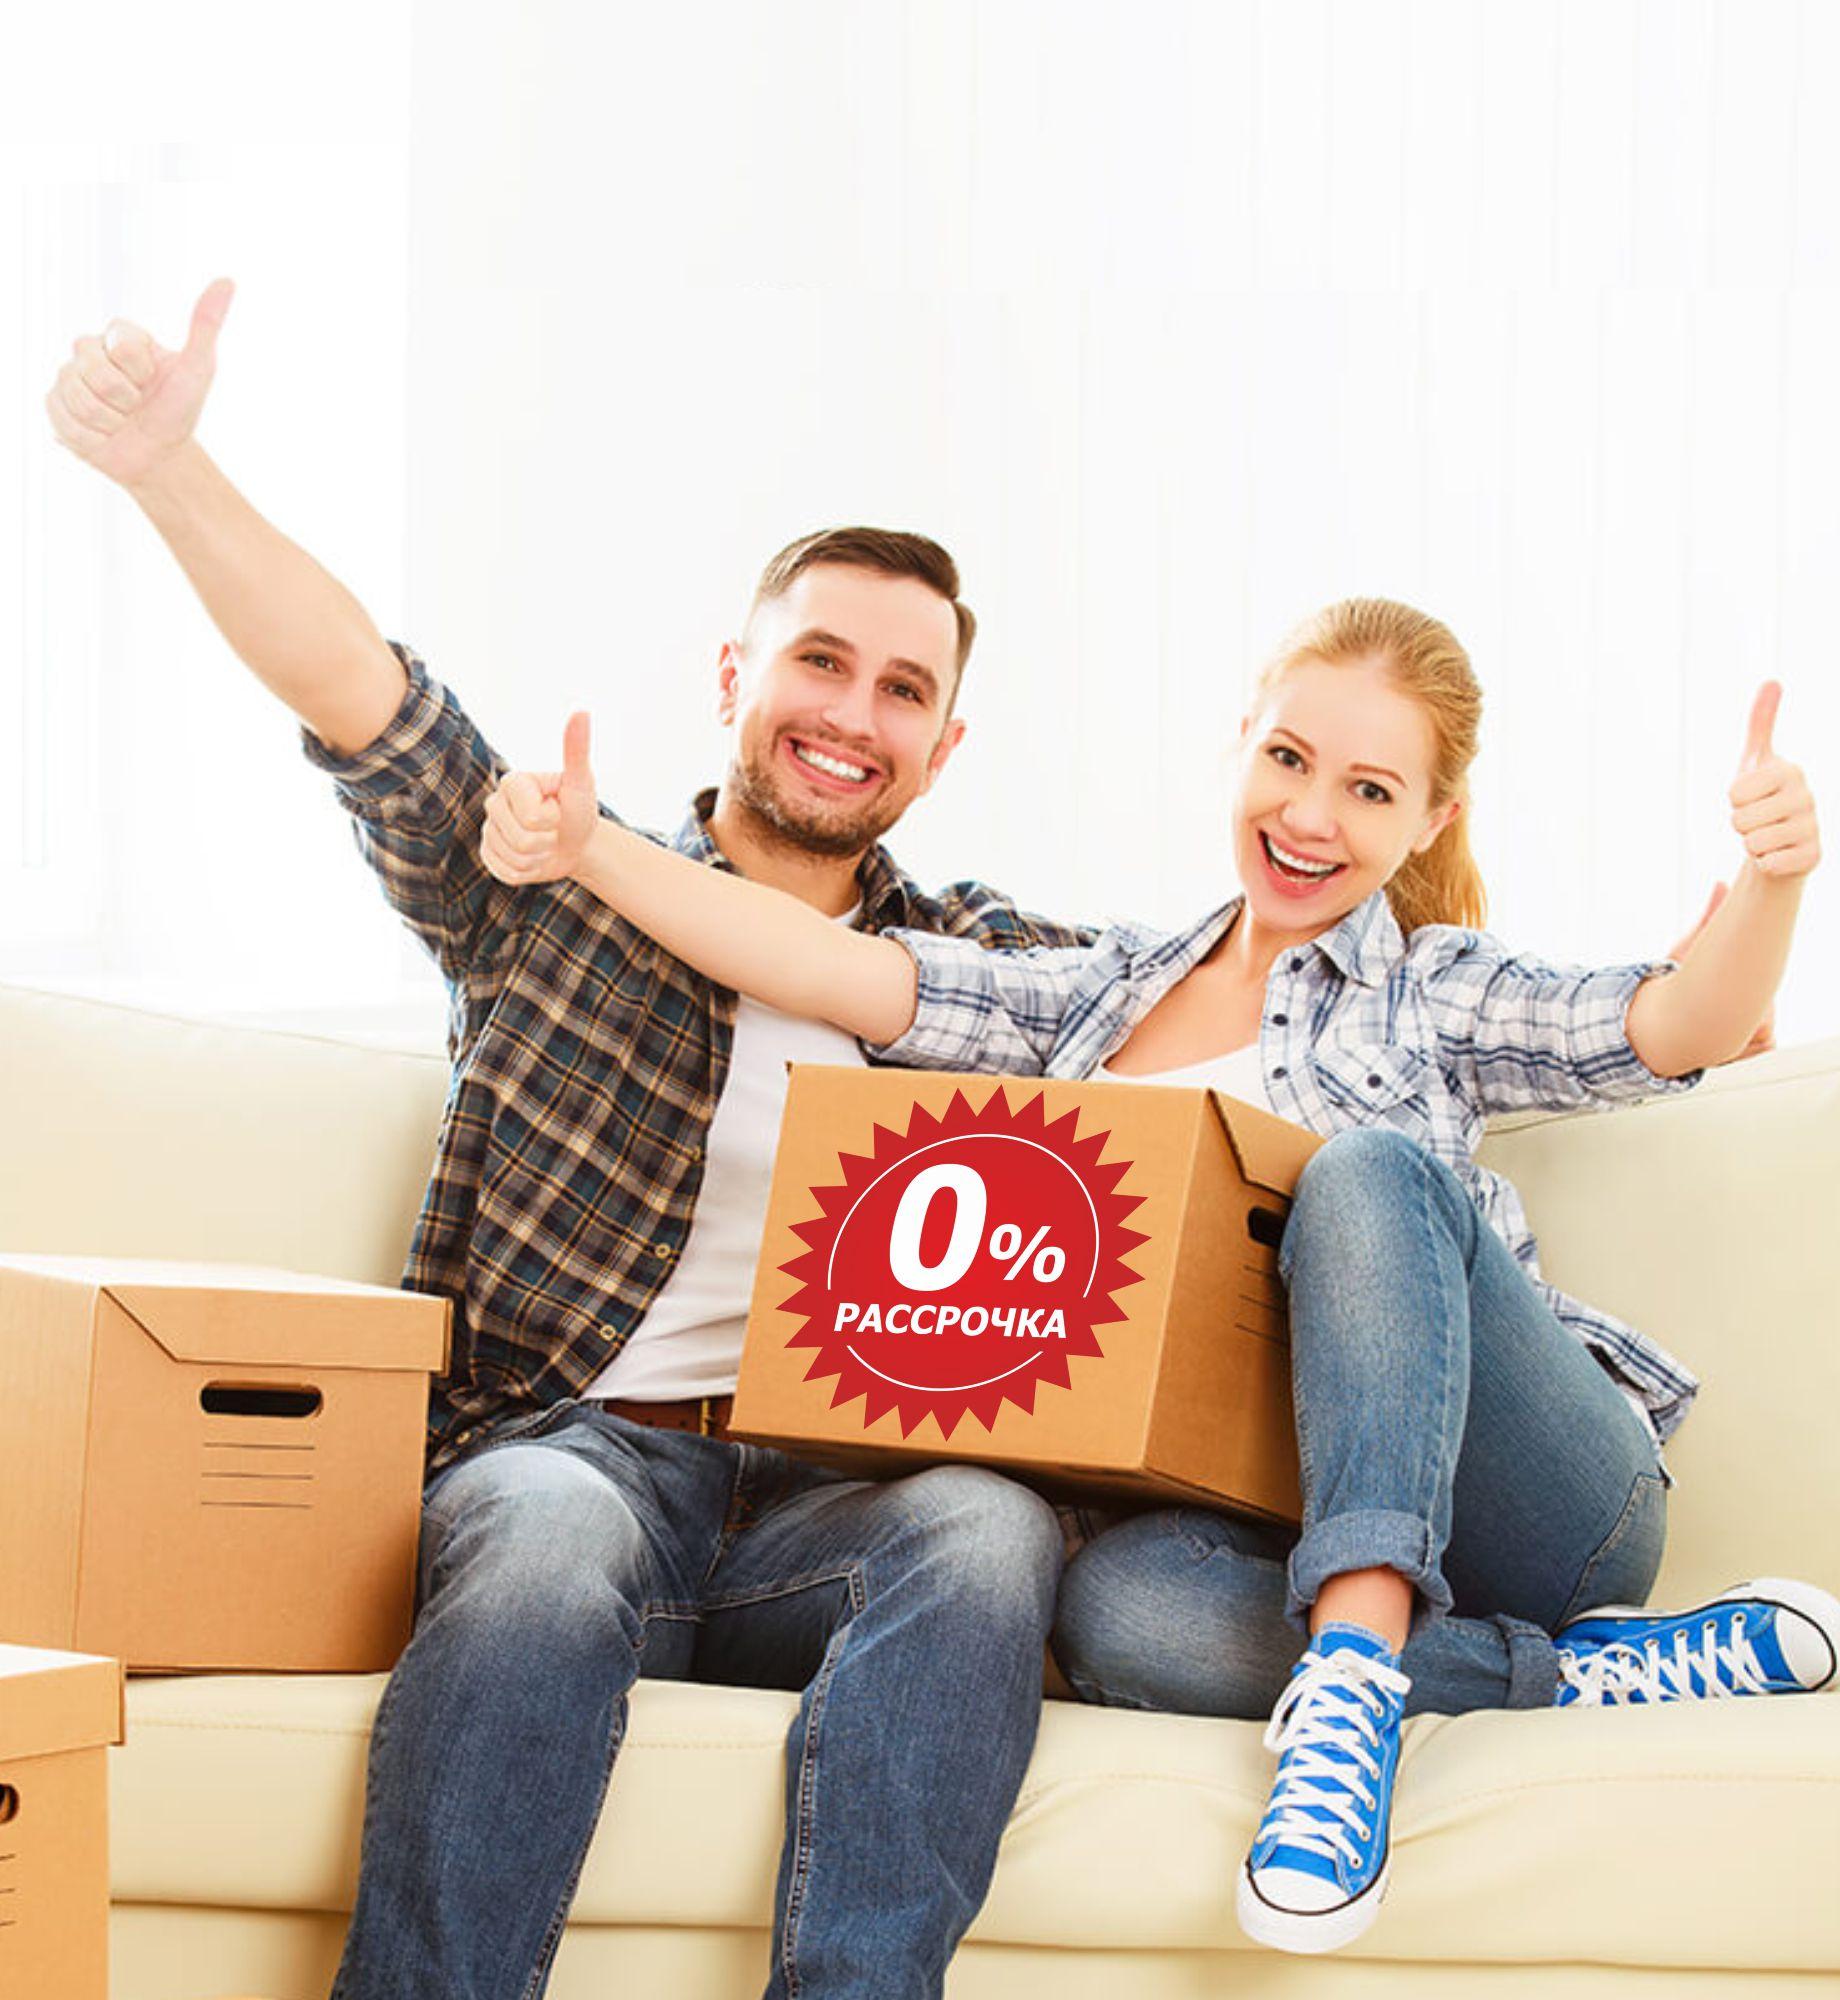 Продажа мебели в рассрочку!